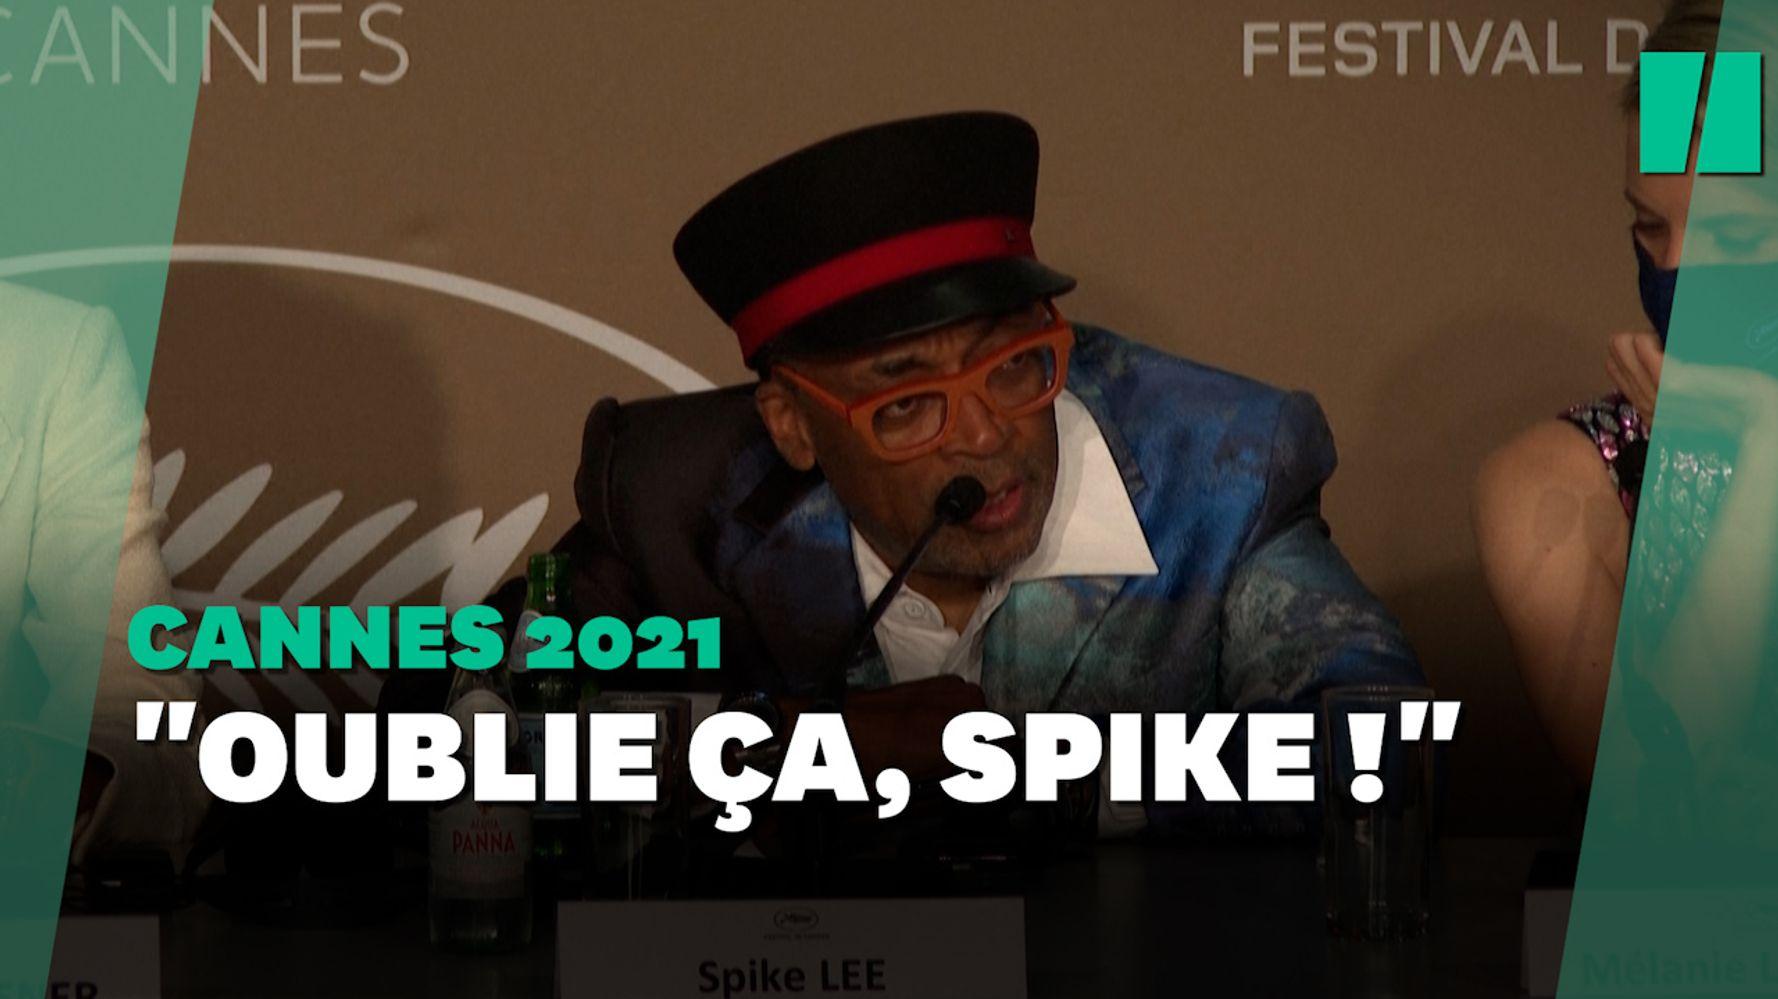 Festival de Cannes 2021: Spike Lee revient sur sa gaffe à Cannes